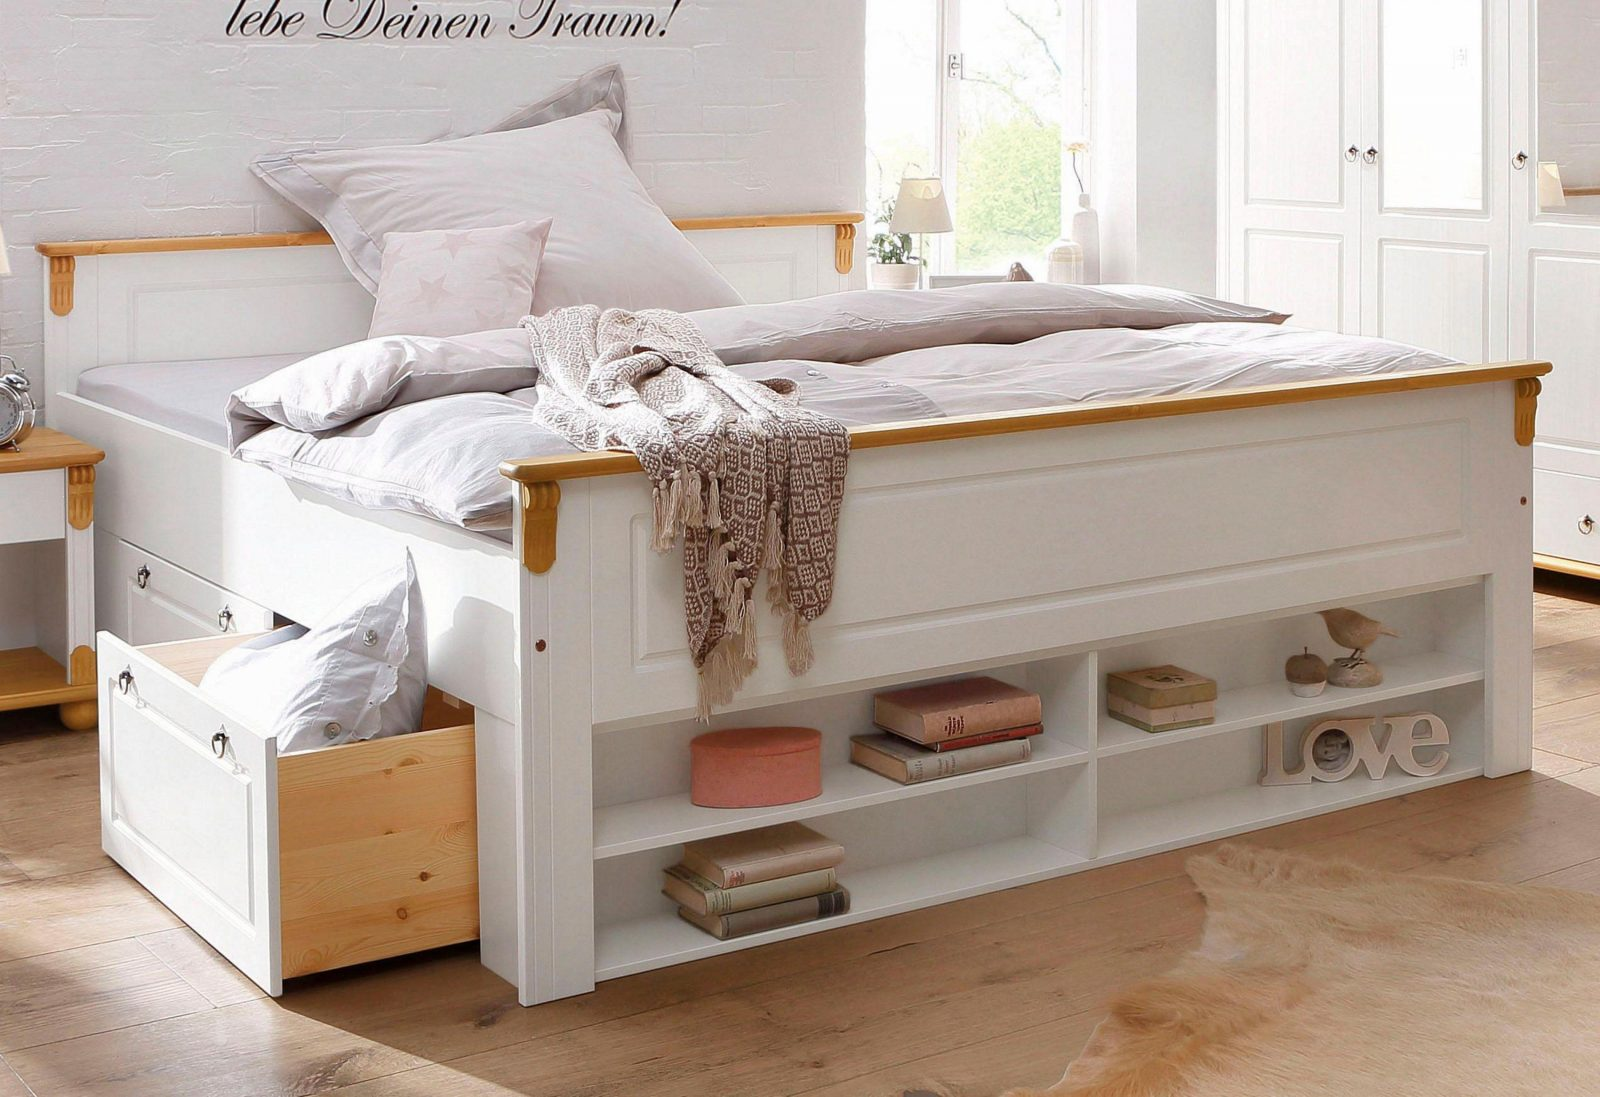 Stilvolle Stauraum Bett Selber Bauen – Cblonline von Bett Bauen Mit Stauraum Bild